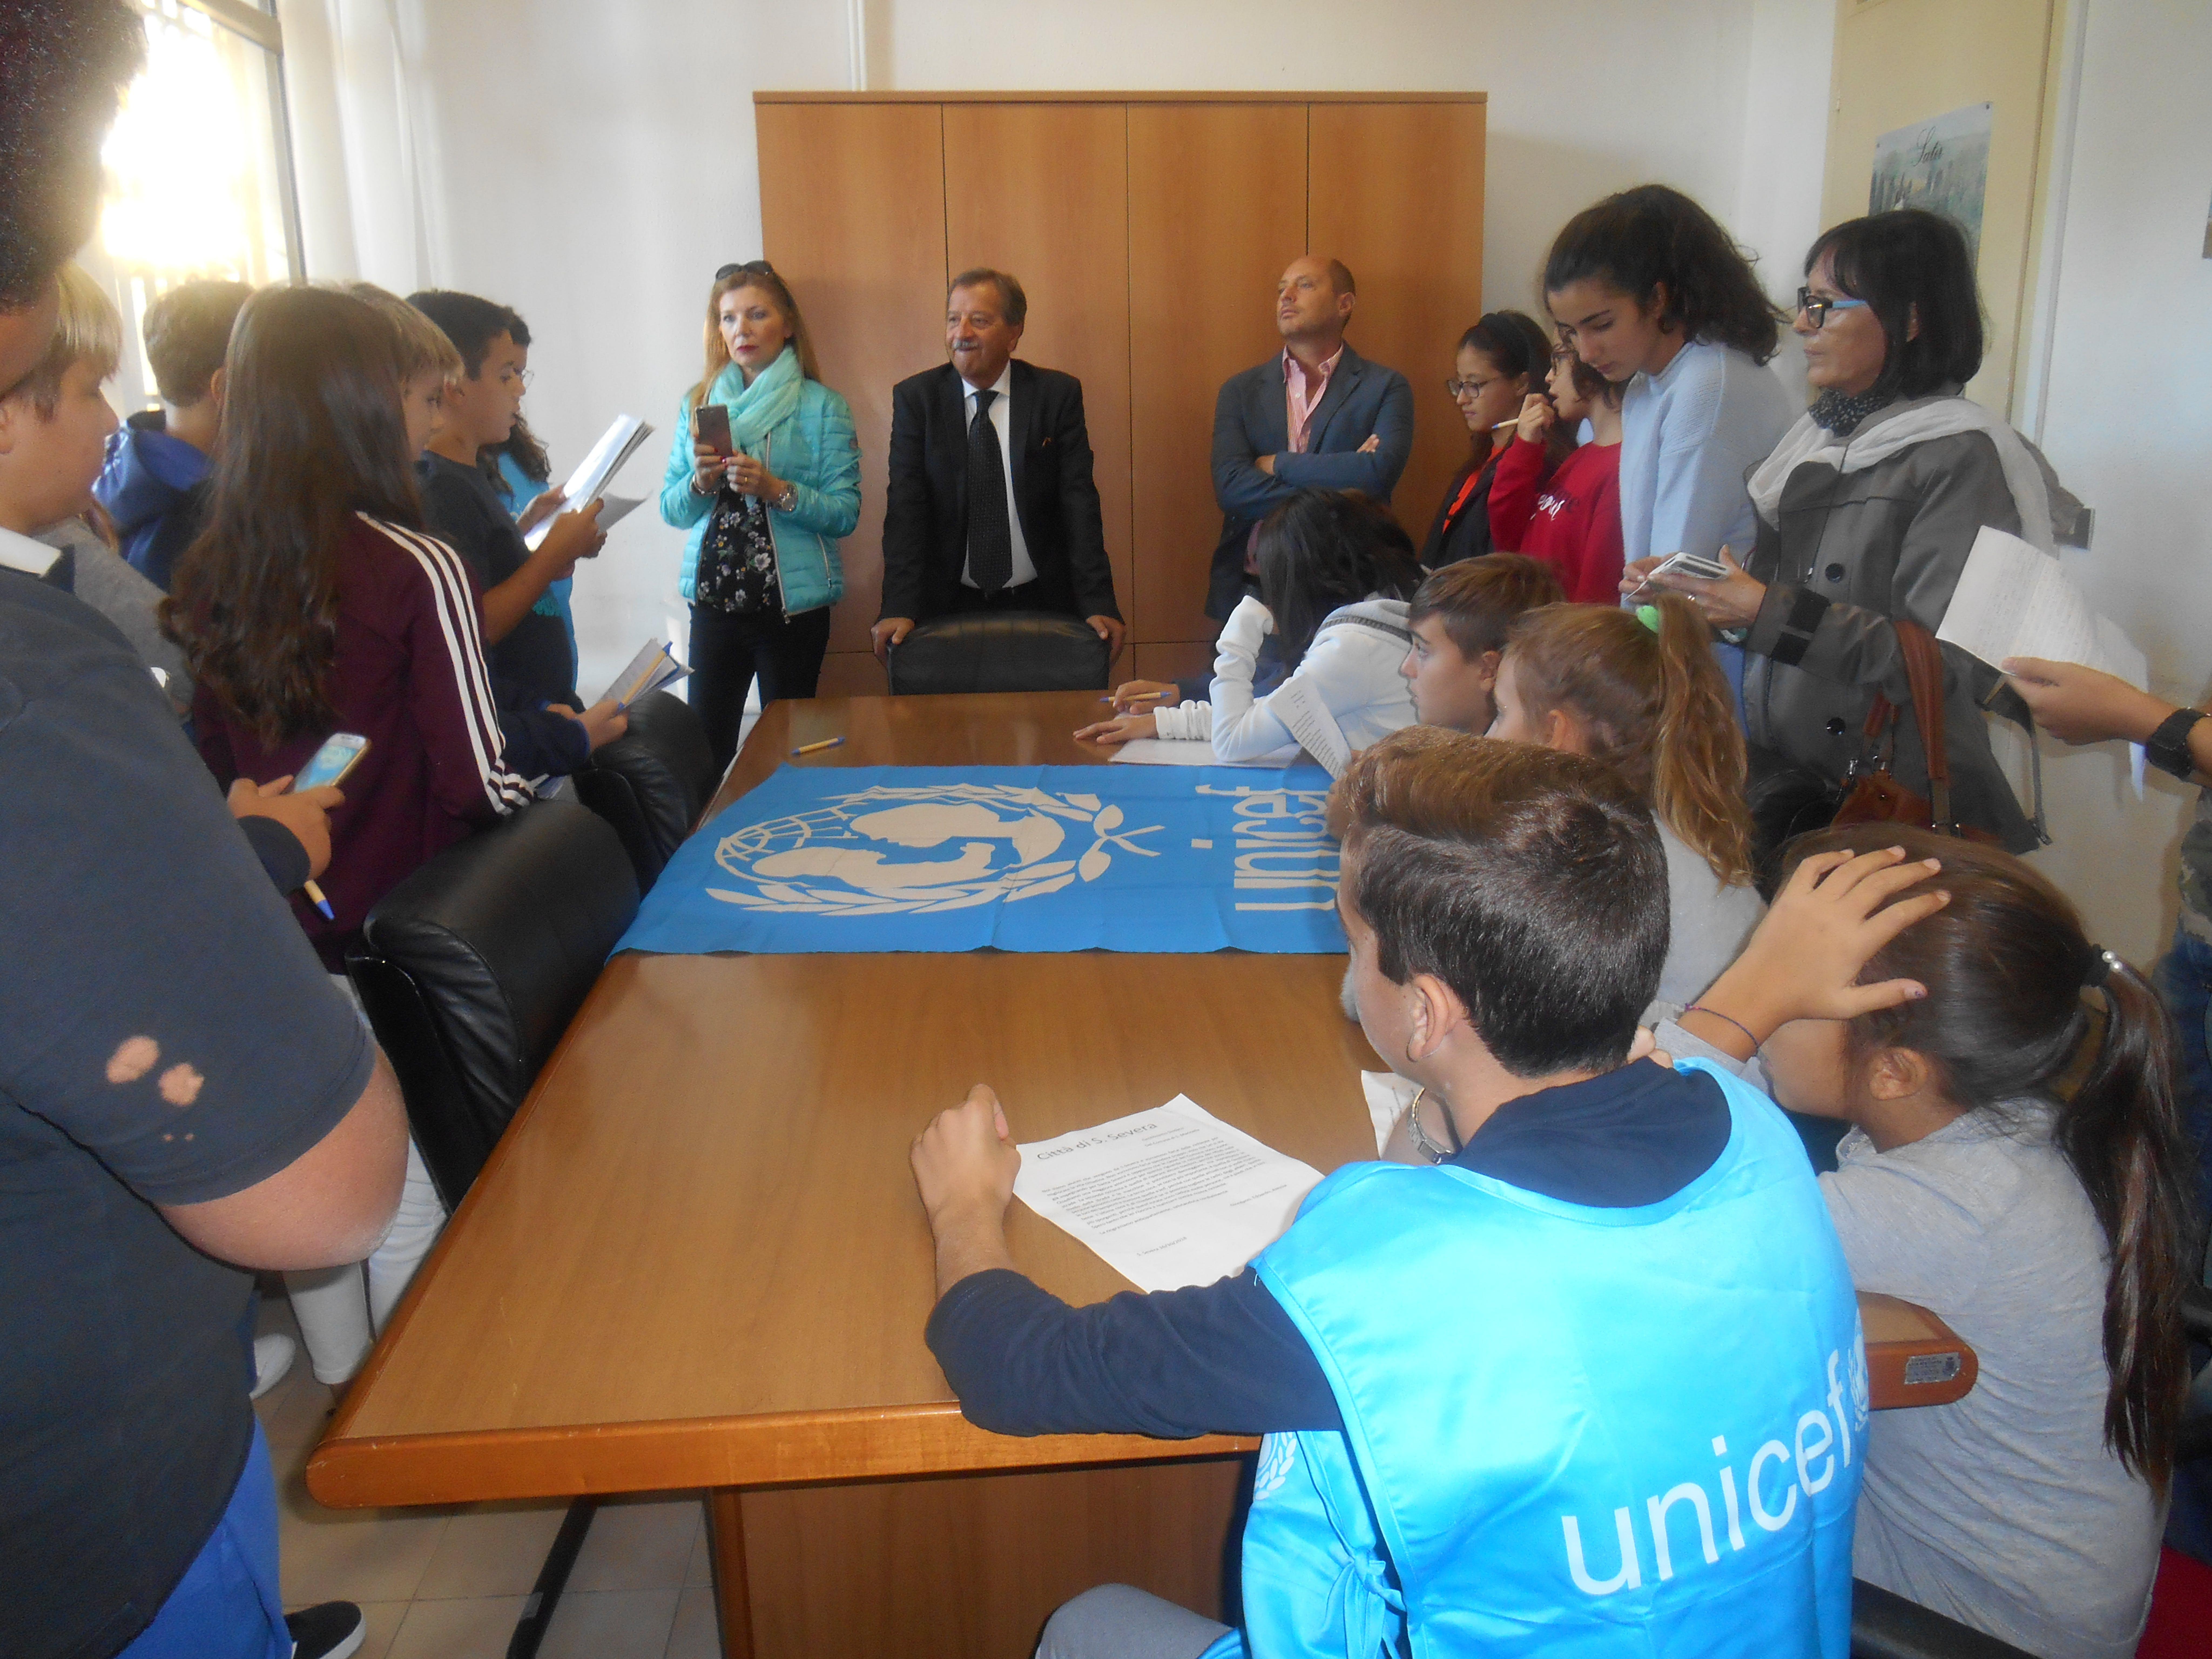 Il Sindaco Pietro Titei, il Vice Sindaco Andrea Bianchi con gli alunni Scuola Media G. Carducci S. Marinella